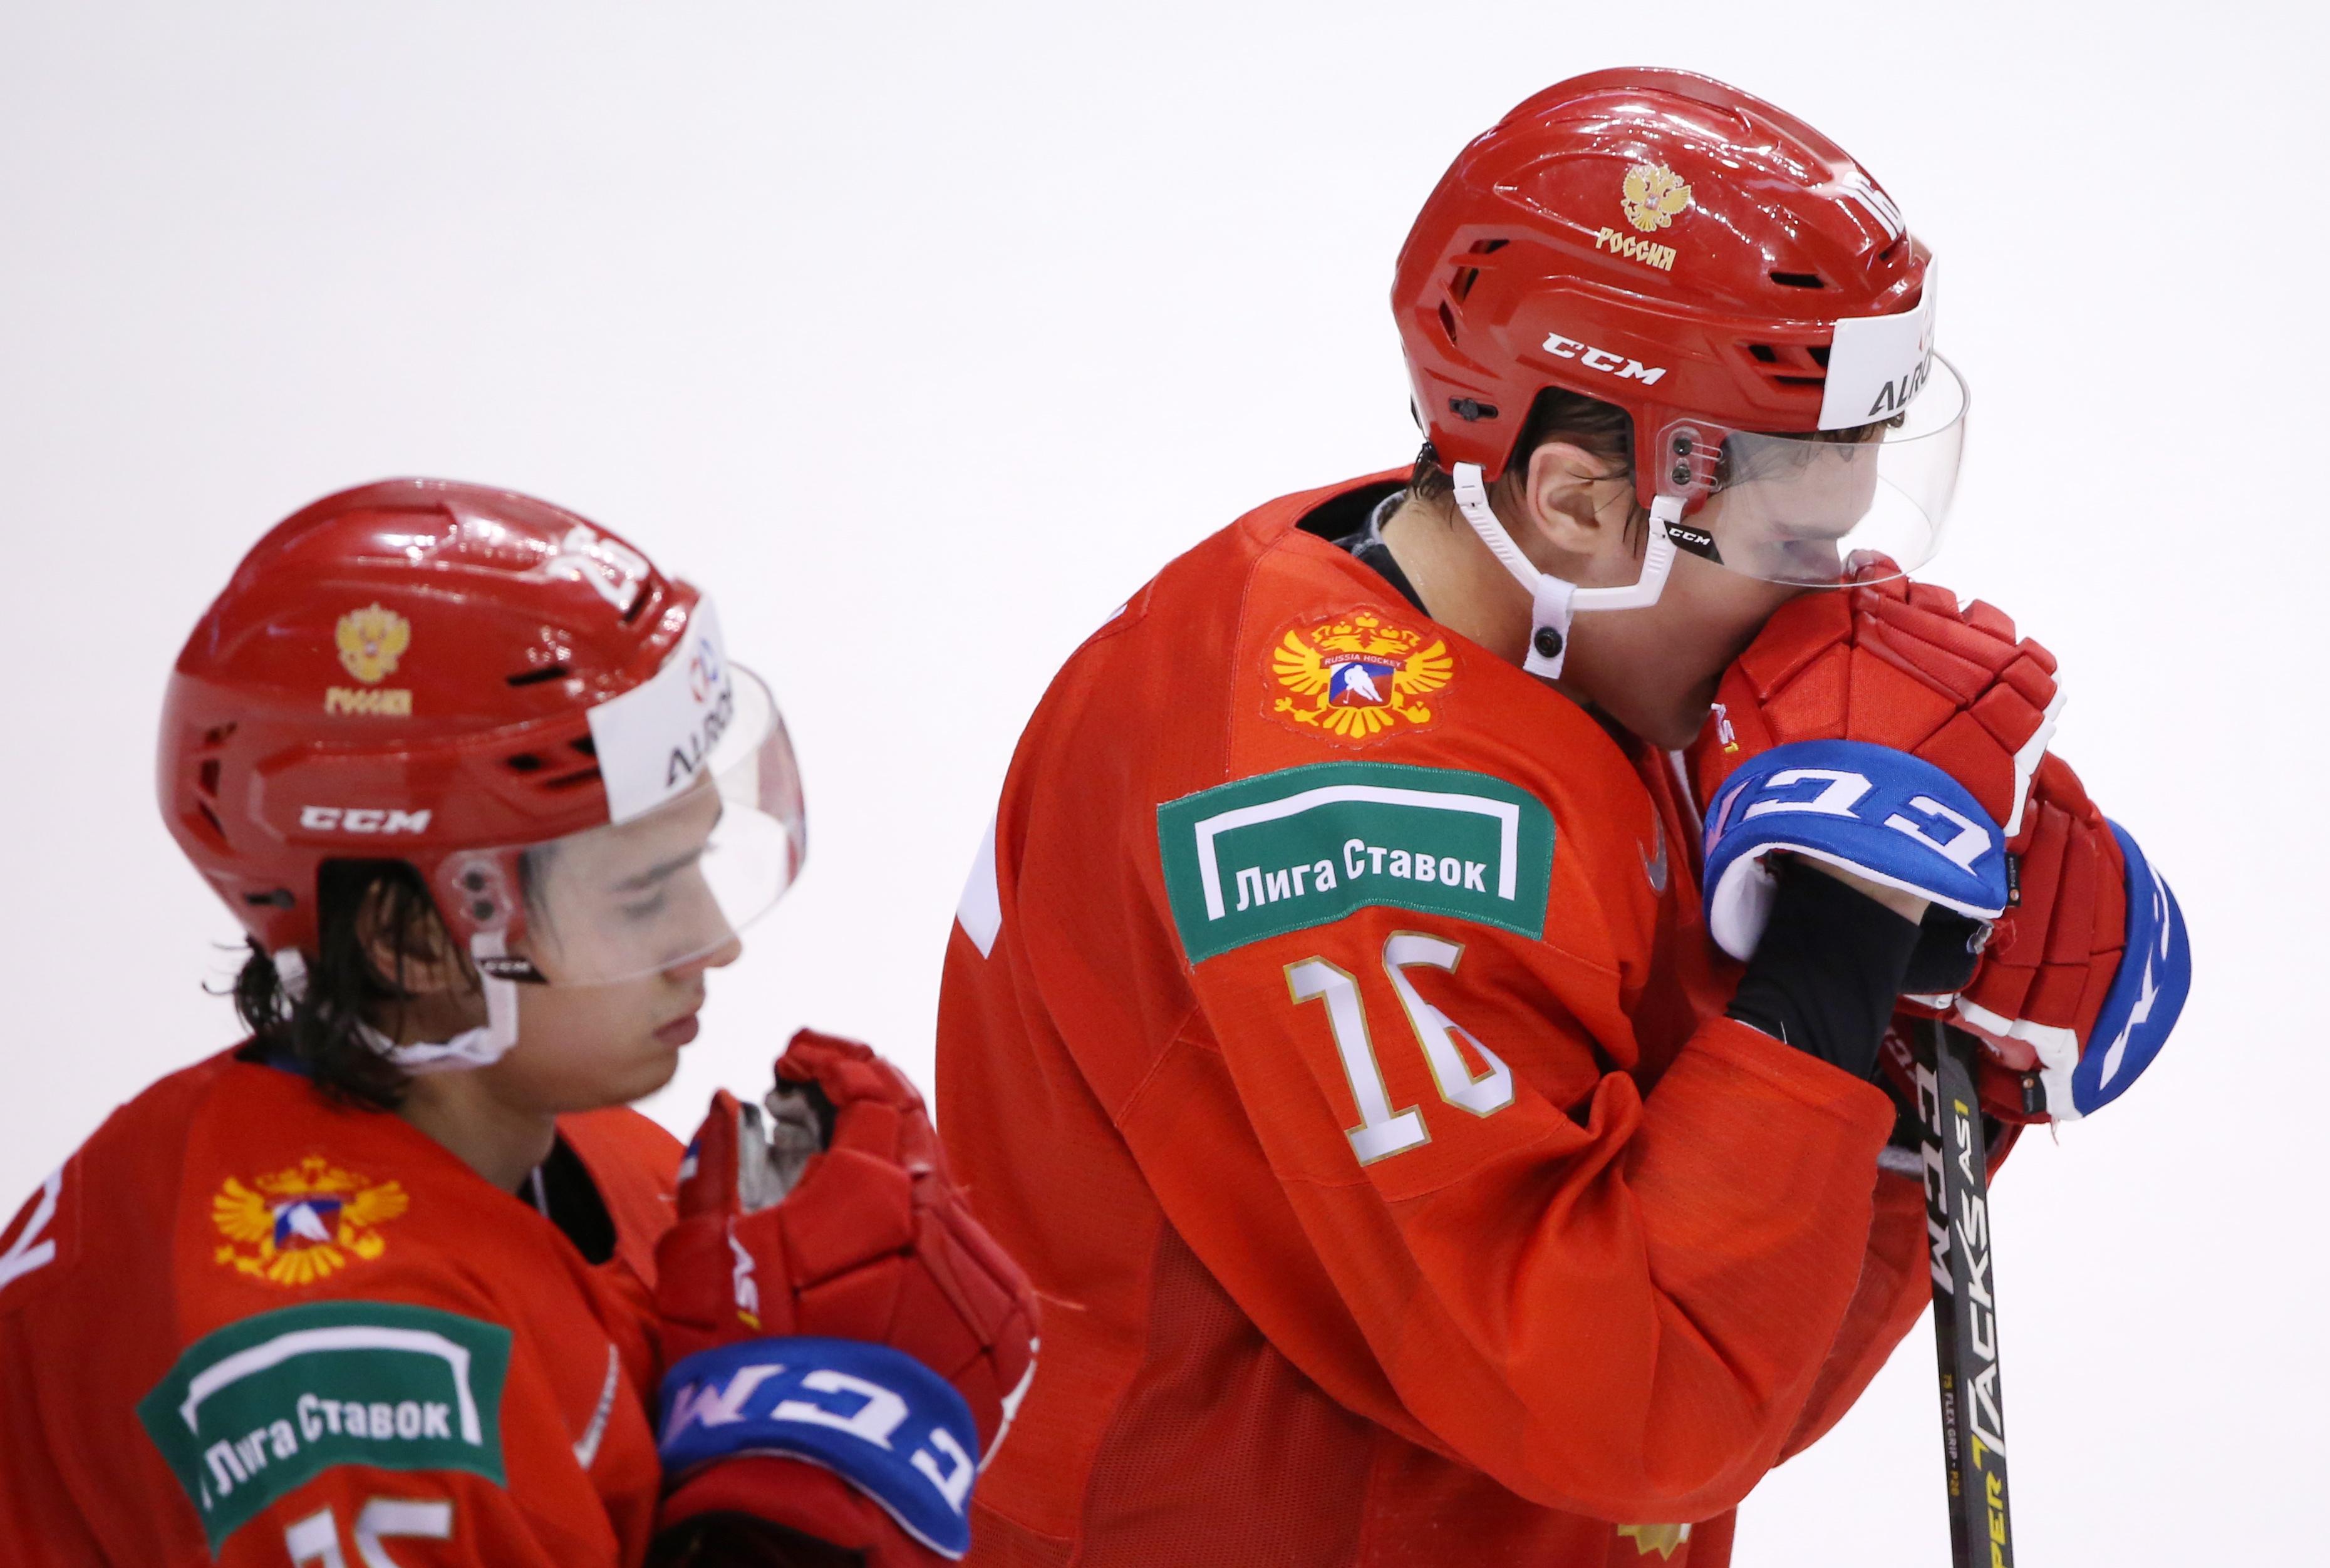 2019 IIHF World Junior Ice Hockey Championship semifinals: Russia 1 - 2 United States